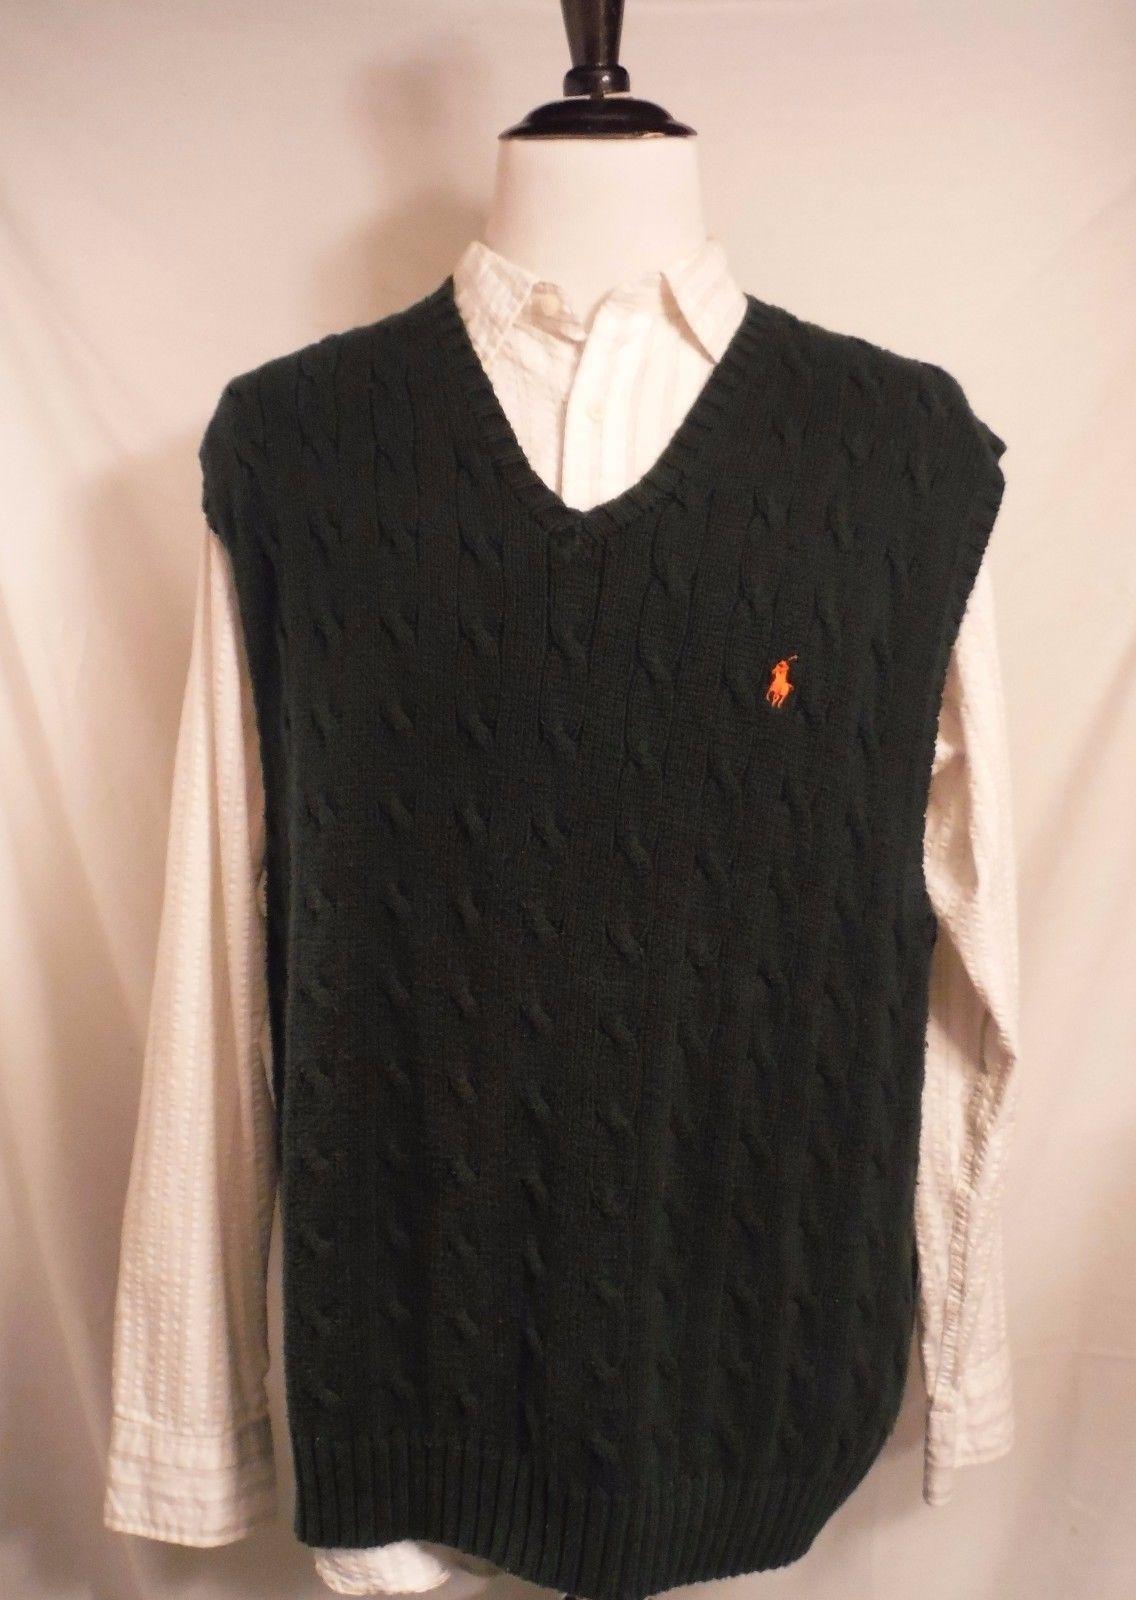 52cedd78b S l1600. S l1600. Previous. Ralph Lauren Mens Cable Knit Fisherman Forrest  Green Cotton Sweater Vest ...